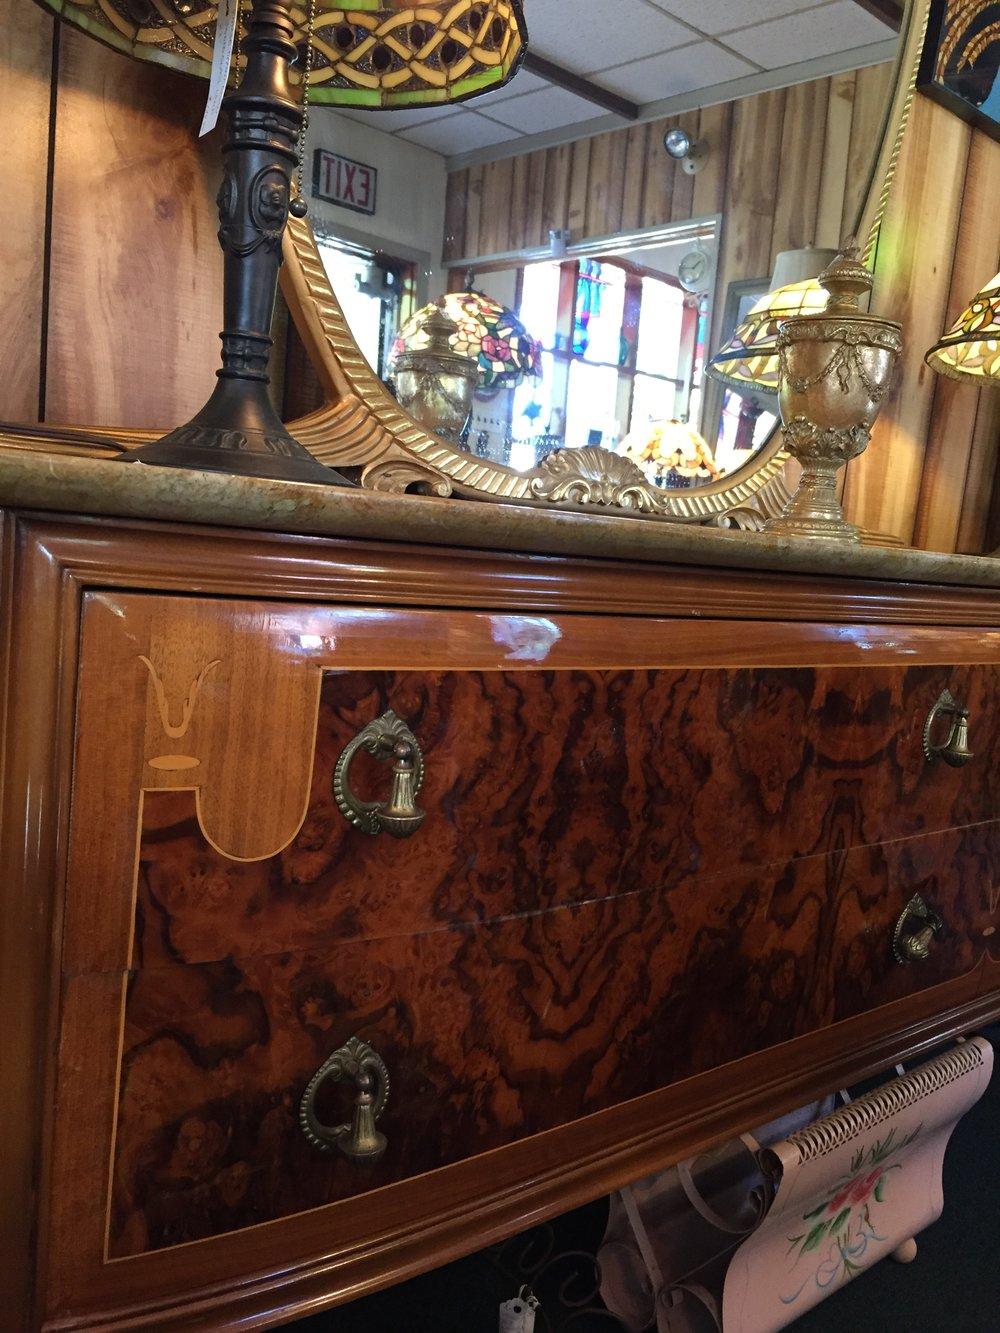 Elegant, Inlaid Wood Marble-Top Antique Dresser - SALE! Elegant, Inlaid Wood Marble-Top Antique Dresser — LOLA'S Menagerie